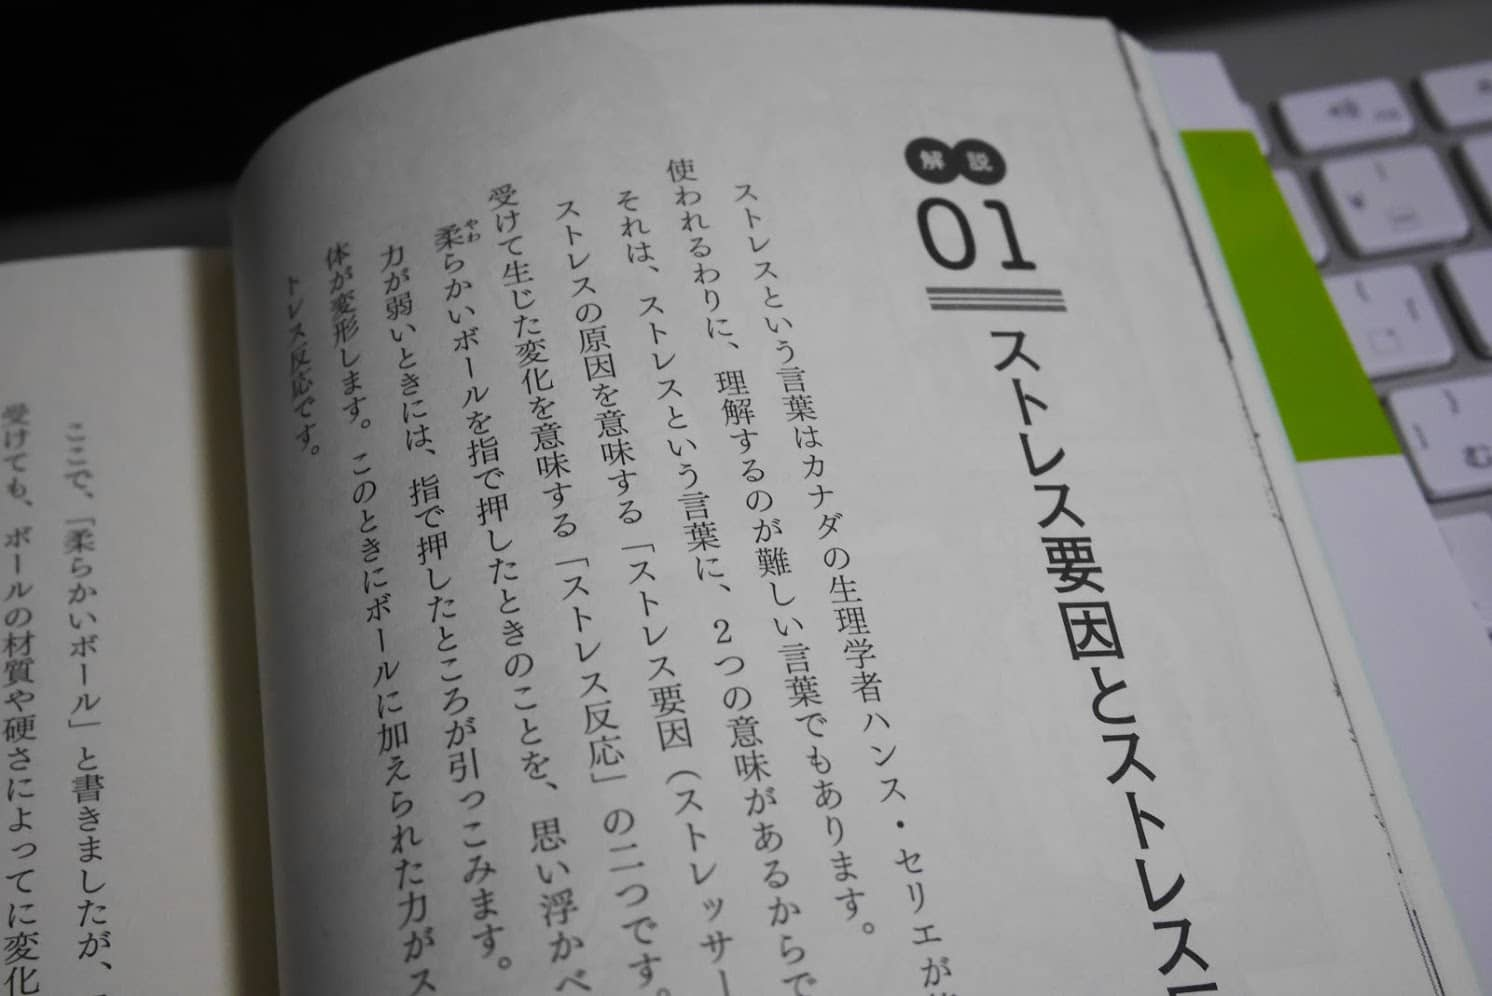 マンガでわかりやすいストレスマネジメント - 解説ページ